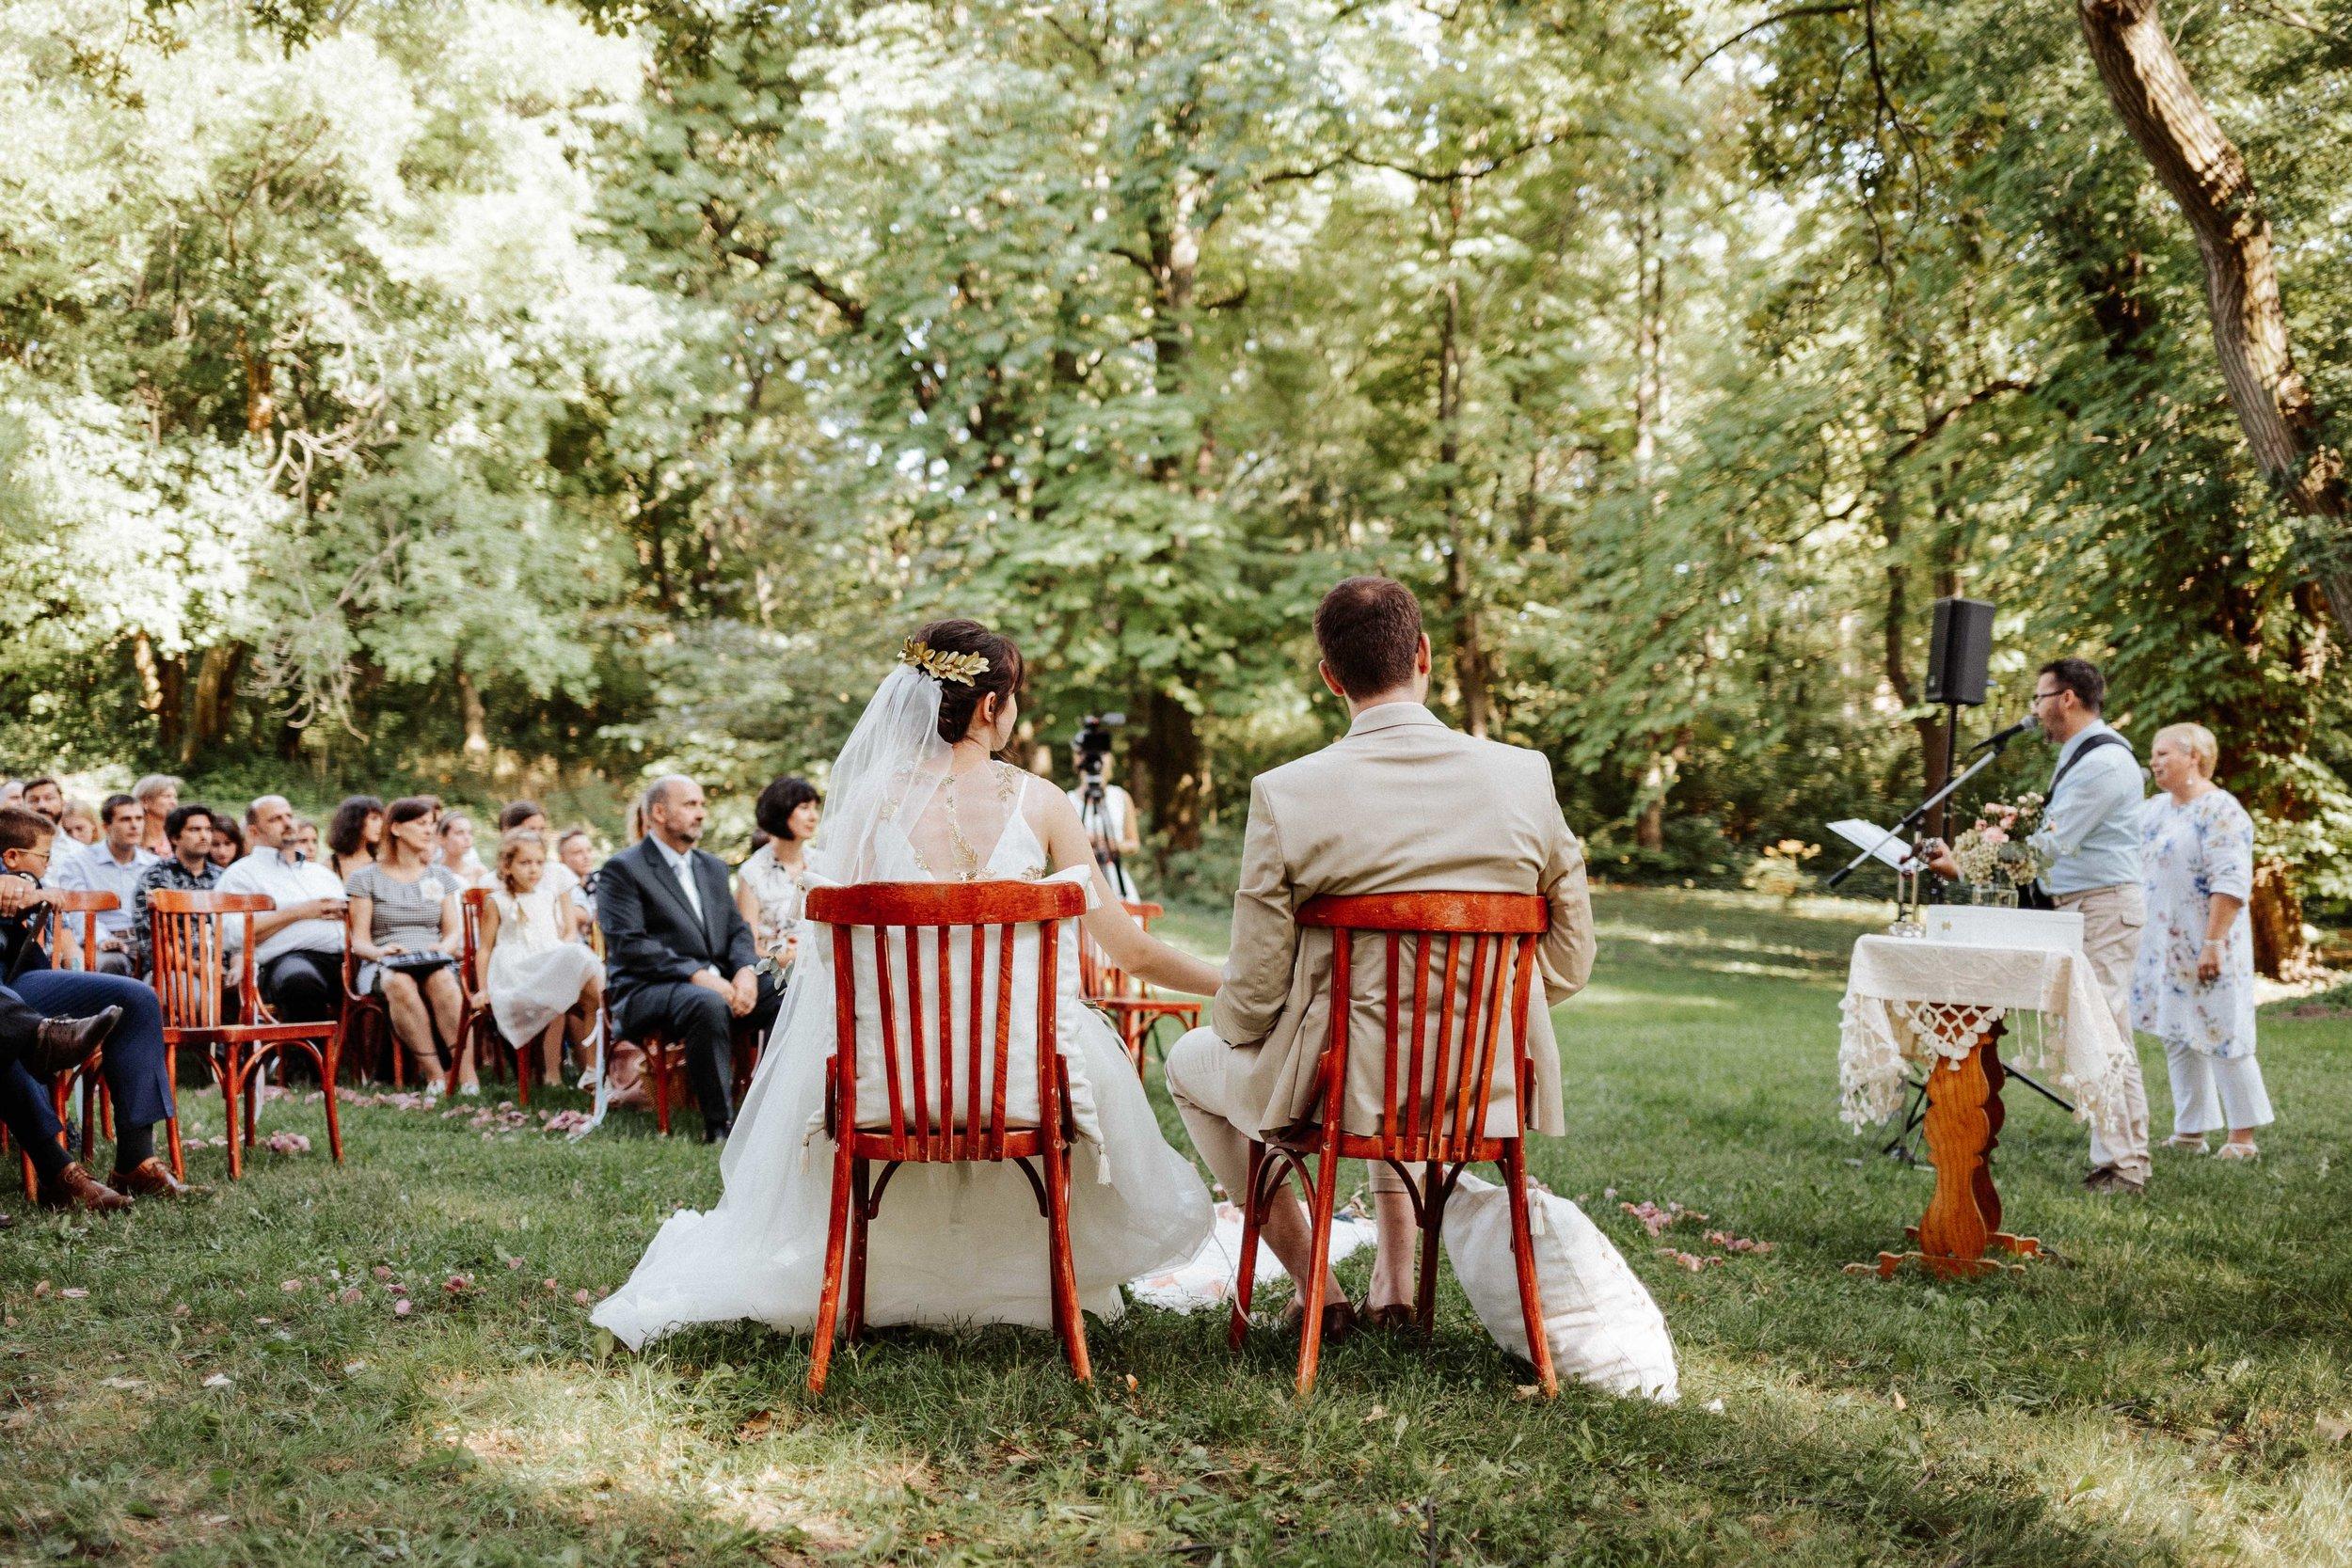 20170826_Rebi+Dani_wedding_w_219__MG_3660.jpg